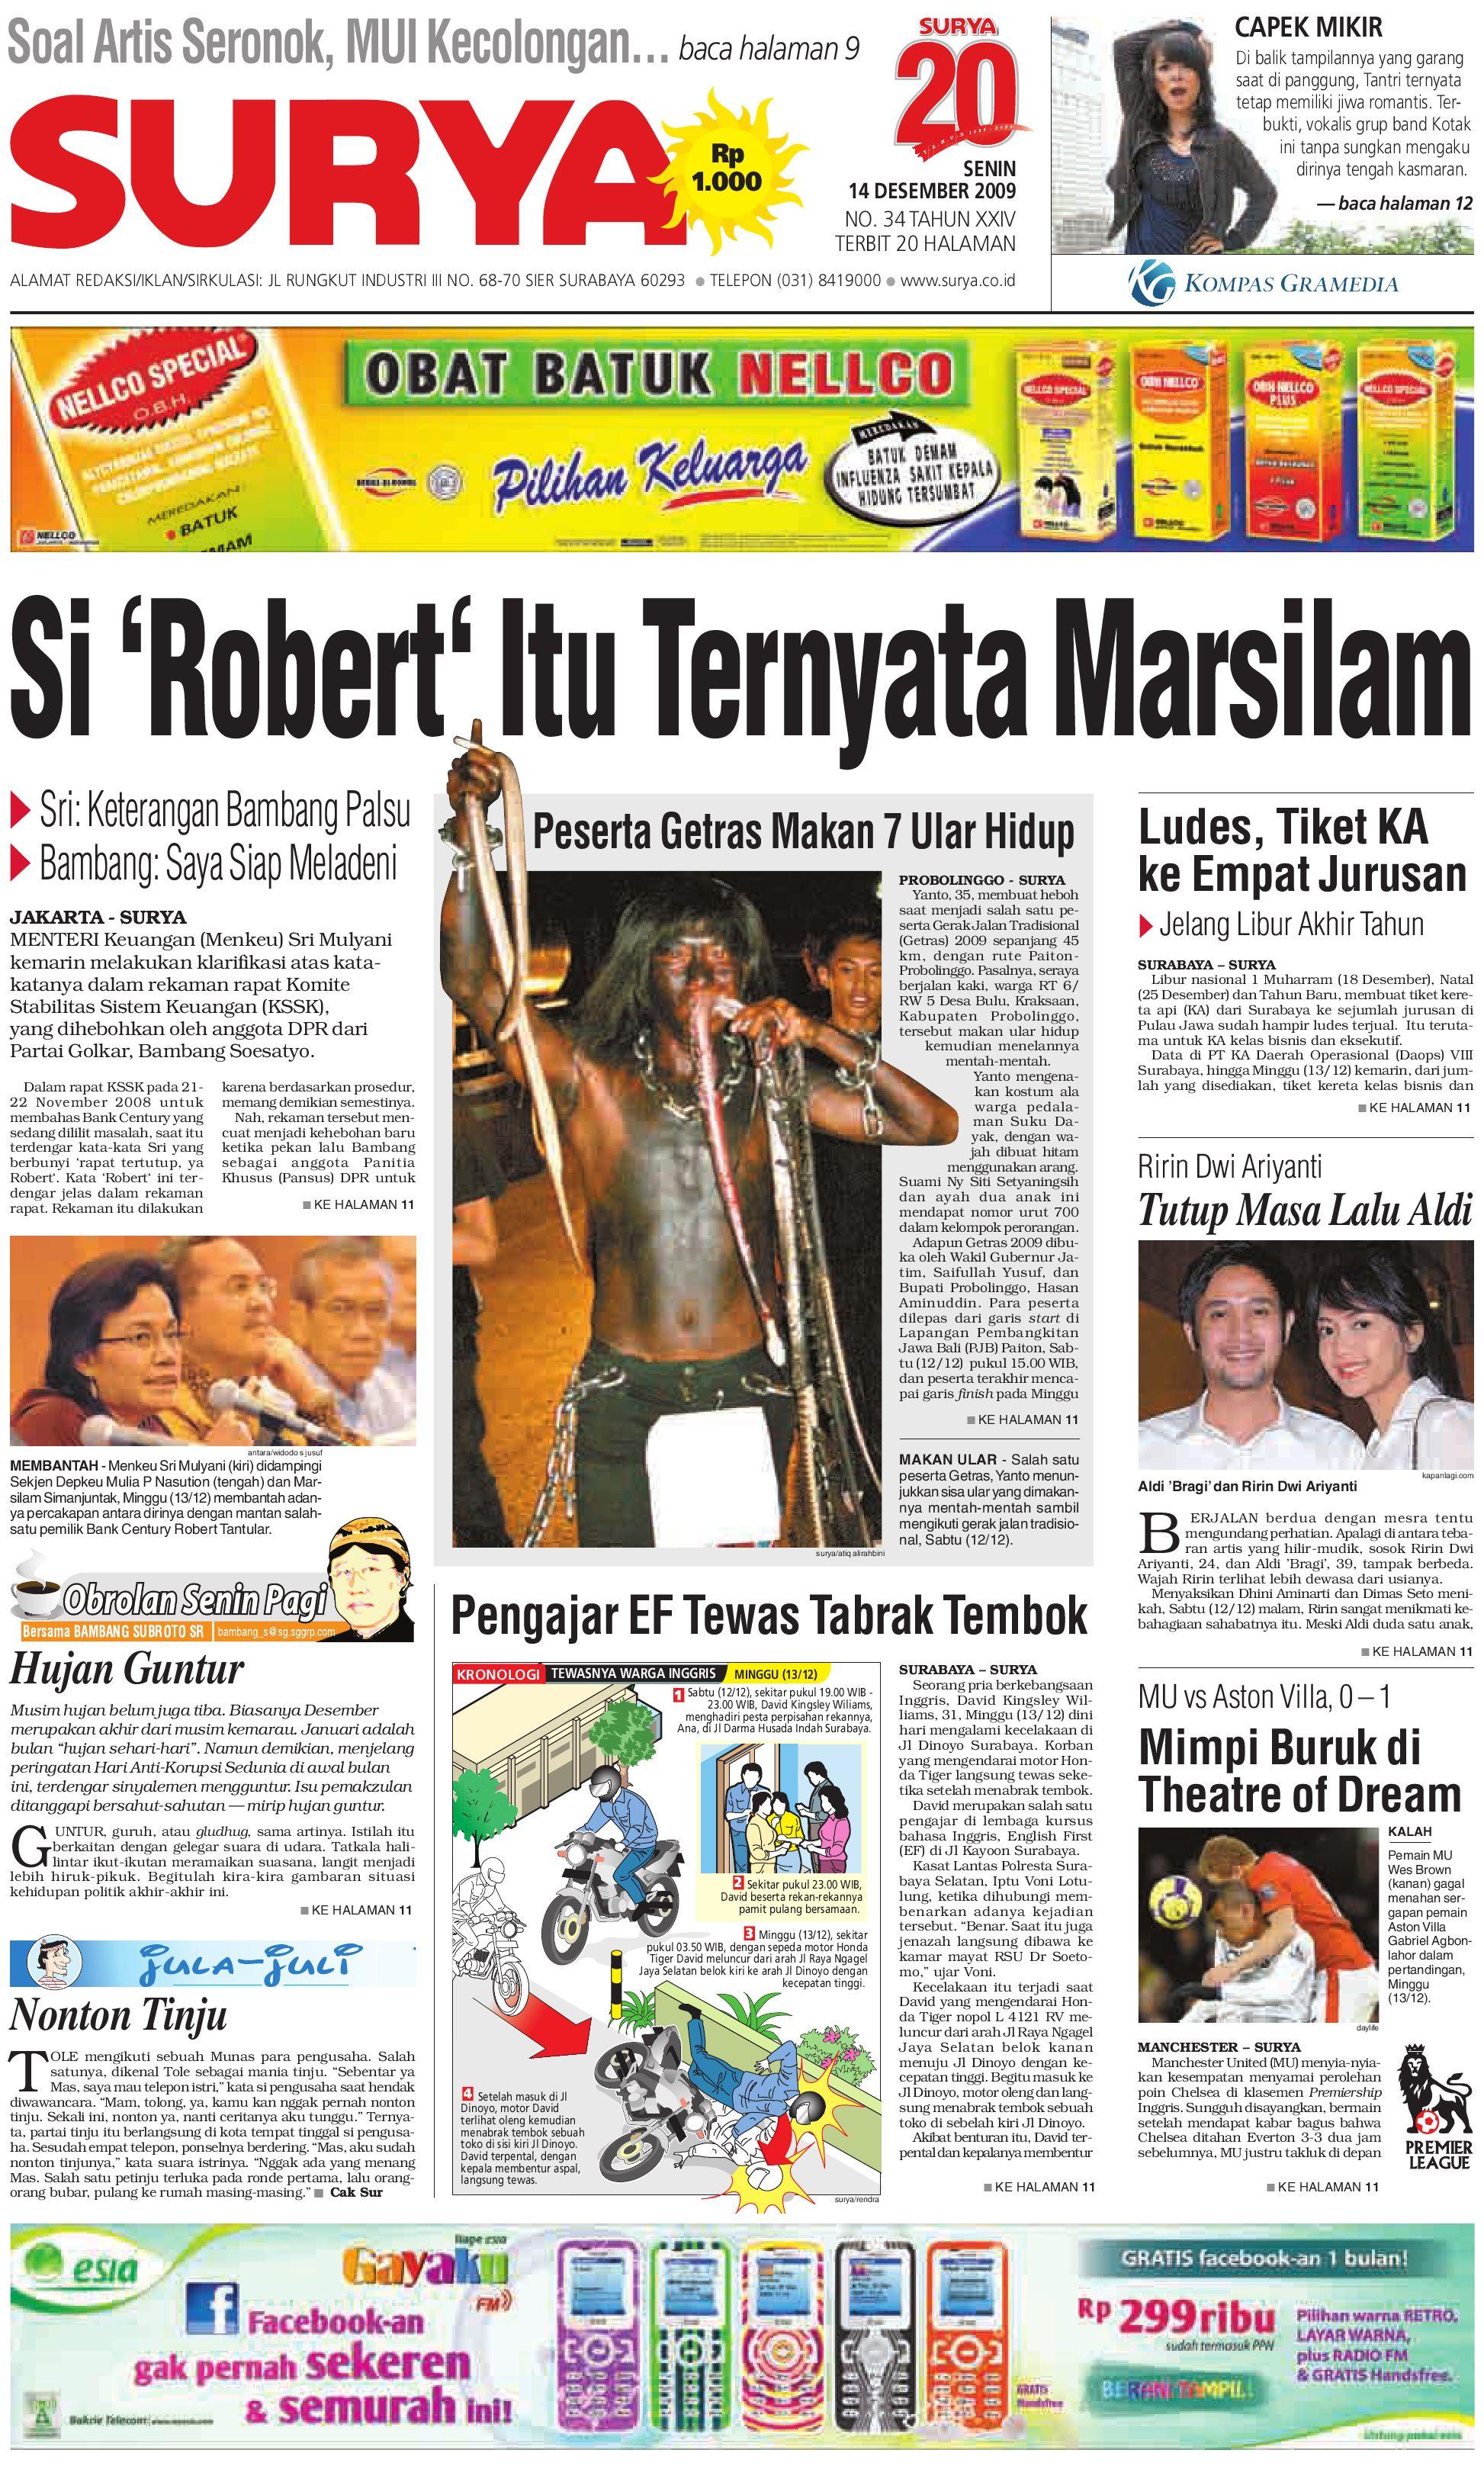 SURYA Edisi Cetak 14 Des 2009 by Harian SURYA - issuu 249b2a3e98